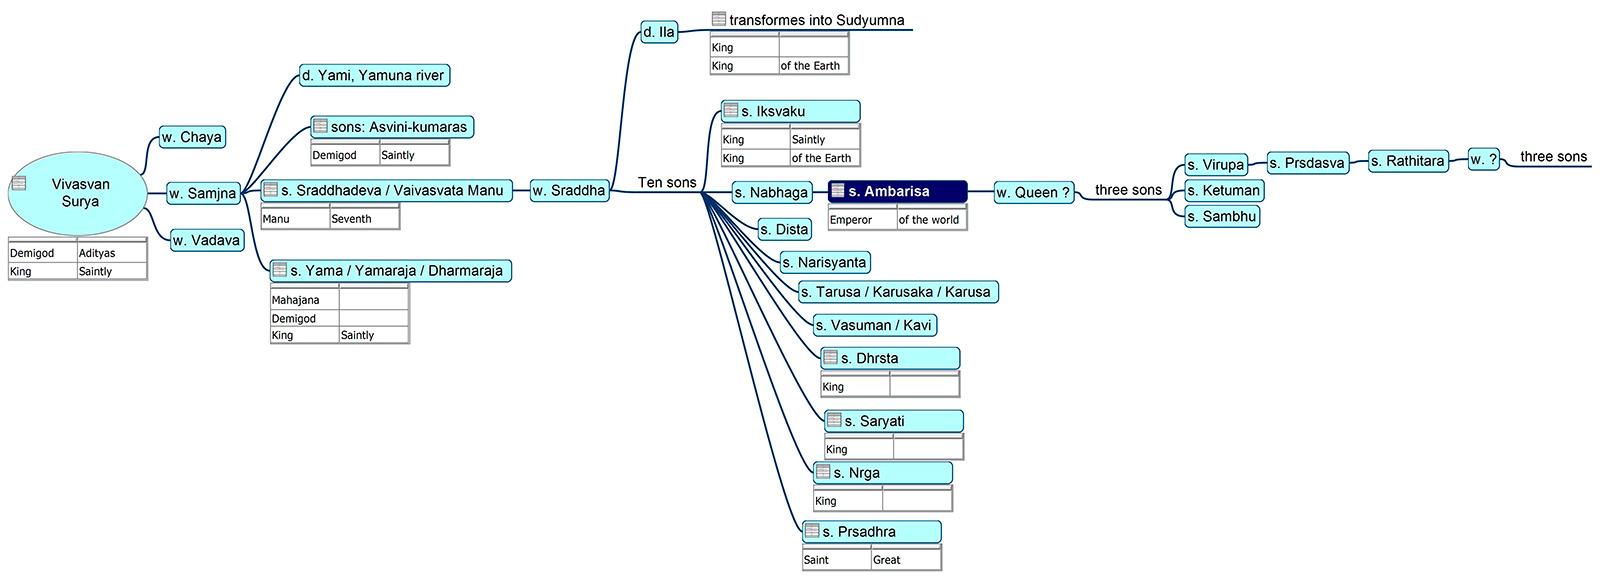 Family tree of Mahārāja Ambarīṣa